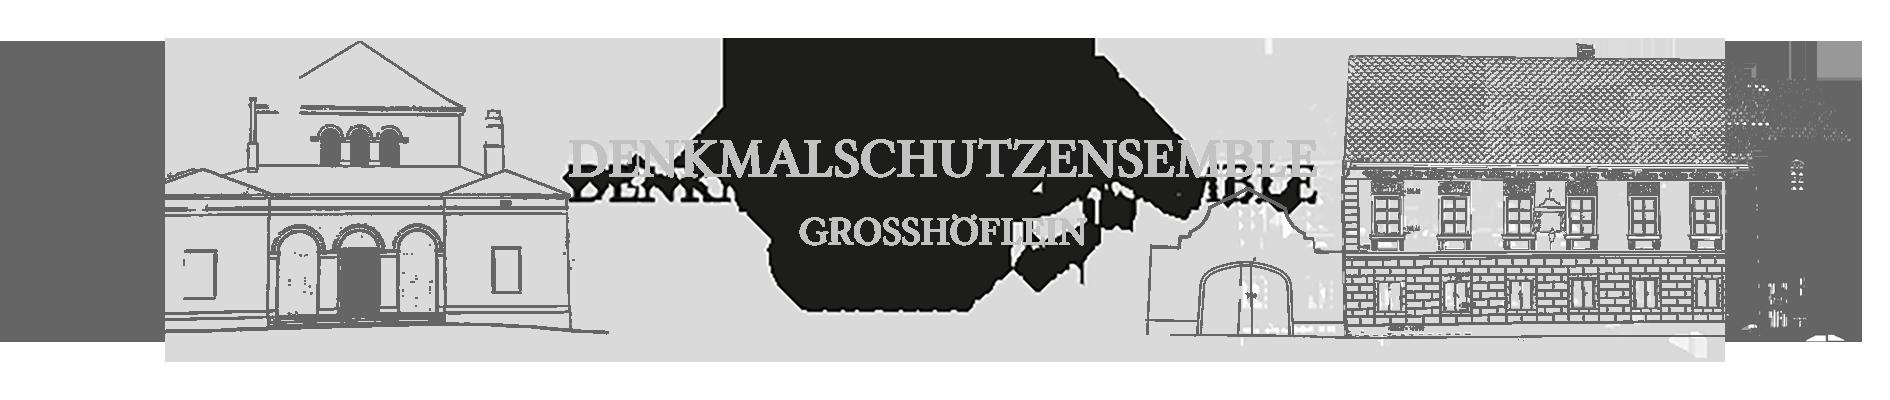 Denkmalschutzensemble Grosshöflein